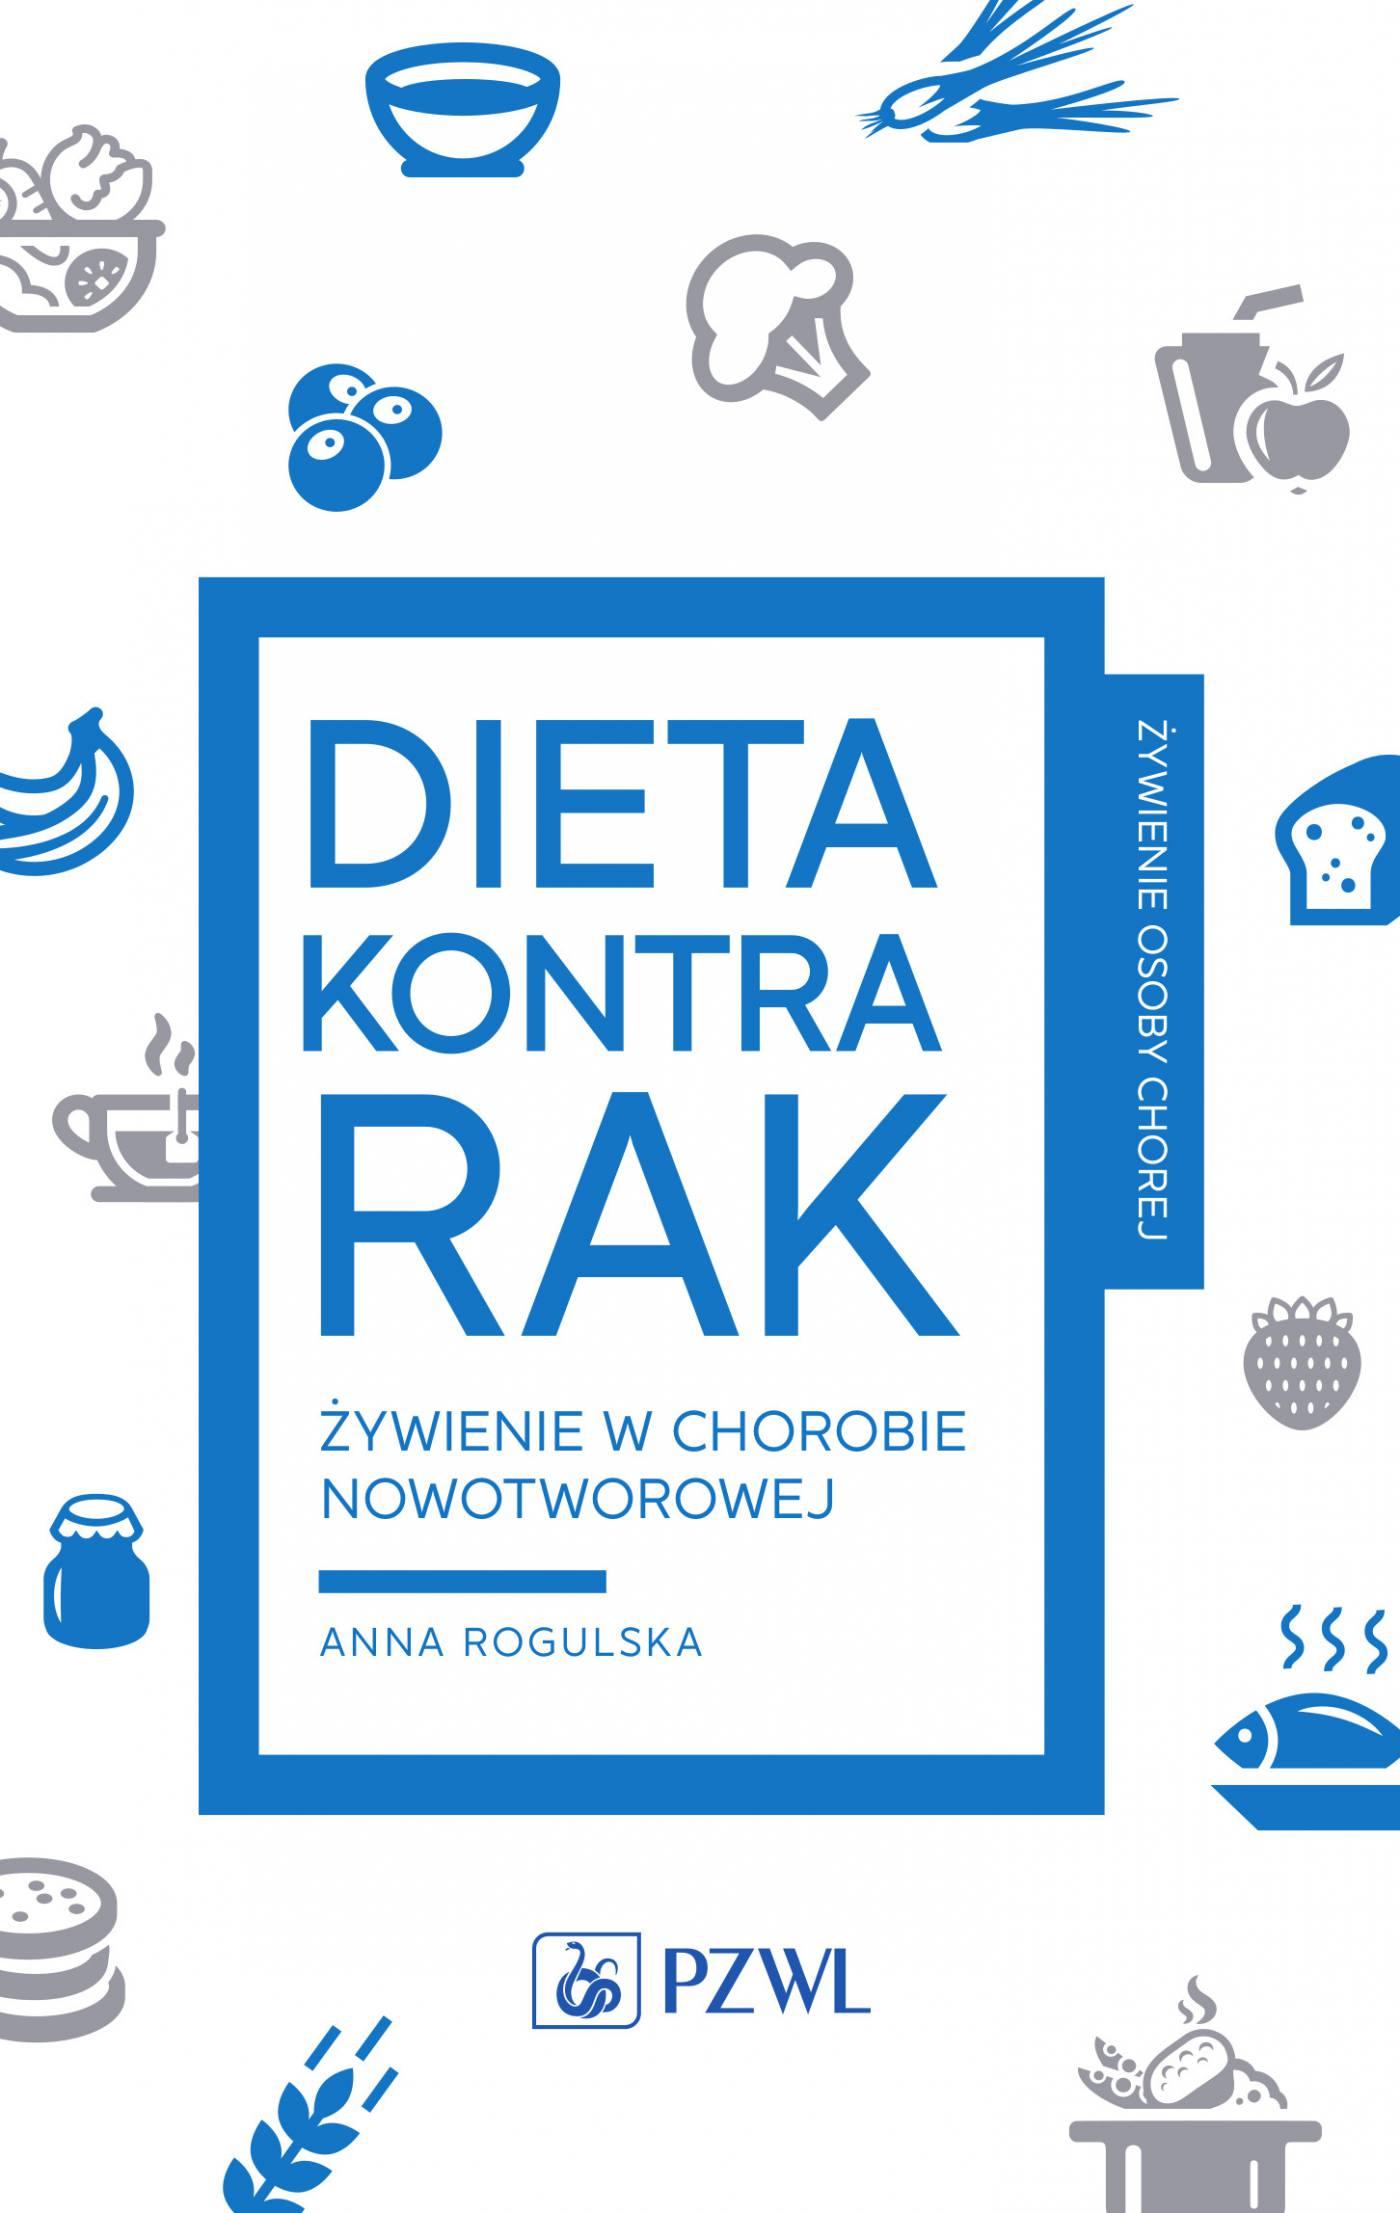 Dieta kontra rak. Żywienie w chorobie nowotworowej - Ebook (Książka na Kindle) do pobrania w formacie MOBI